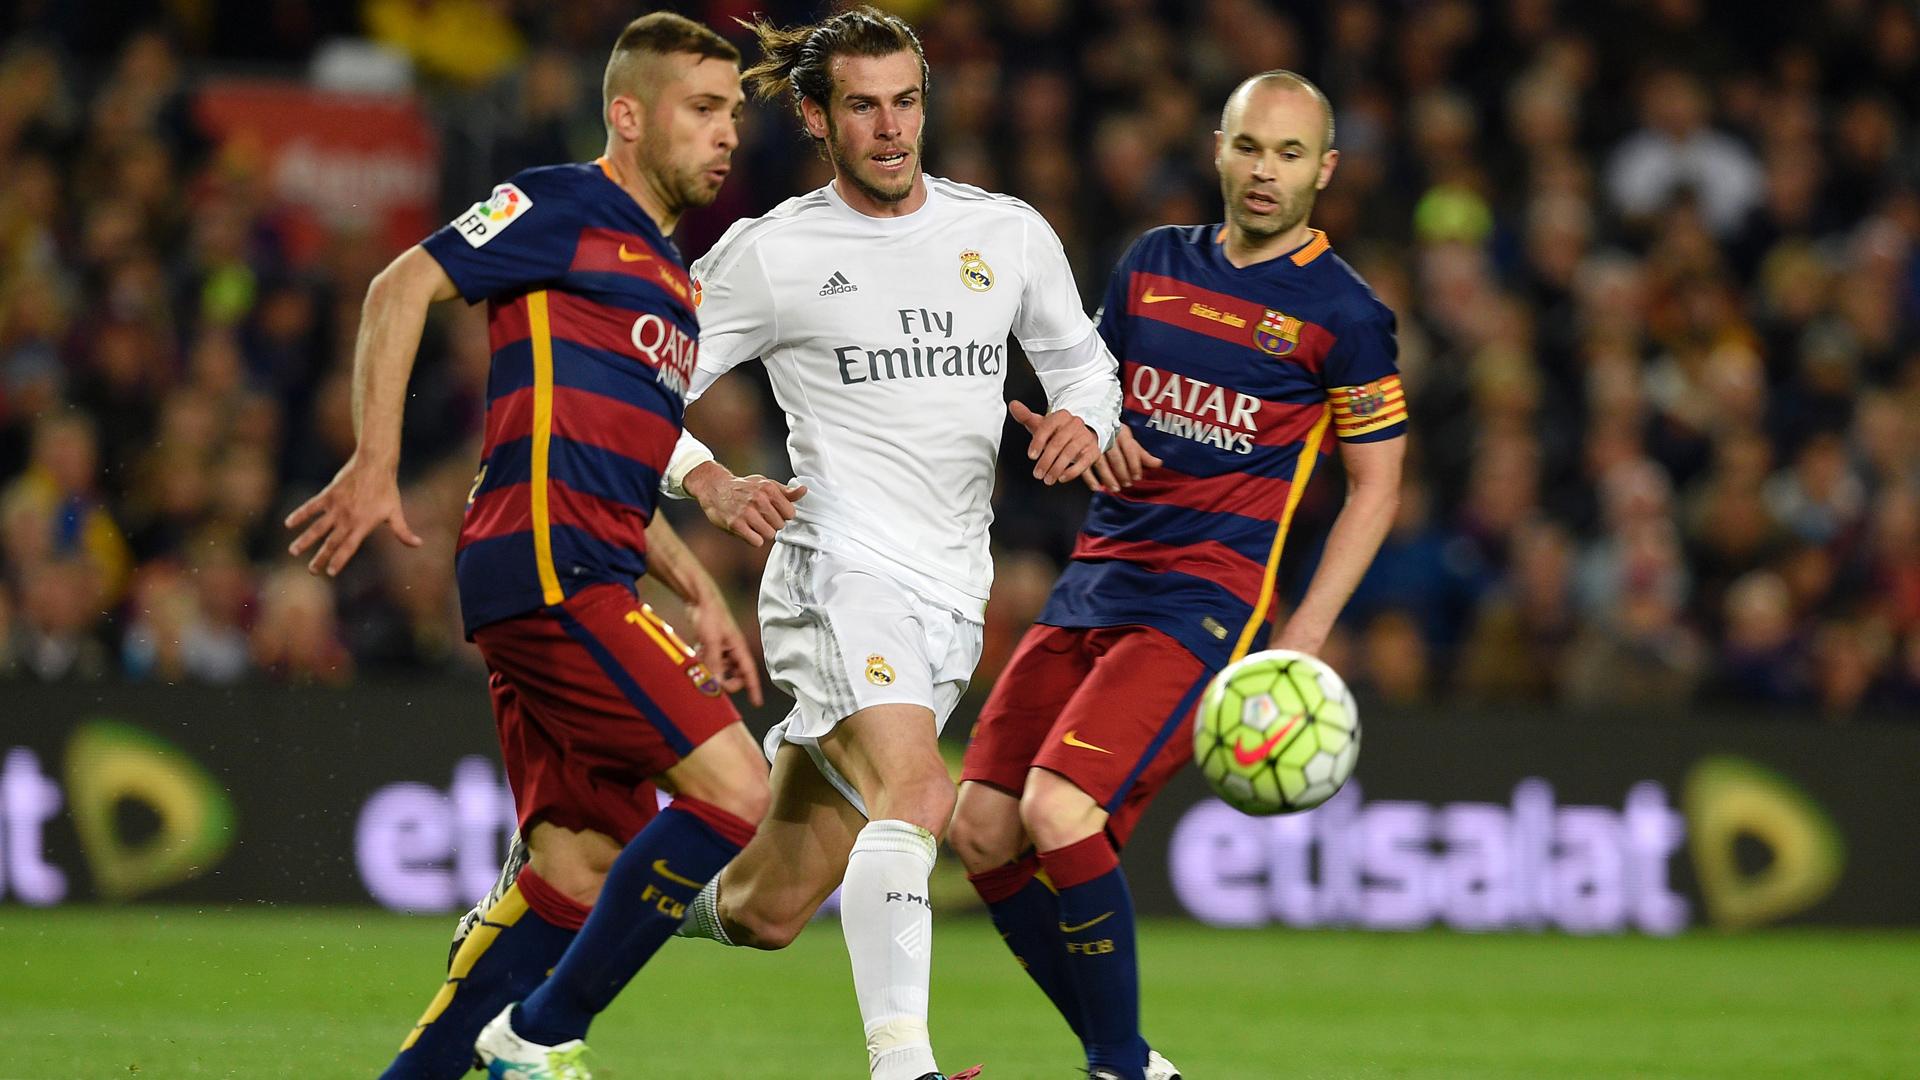 FC Barcelona Real Madrid Jordi Alba Andres Iniesta Gareth Bale 02042016